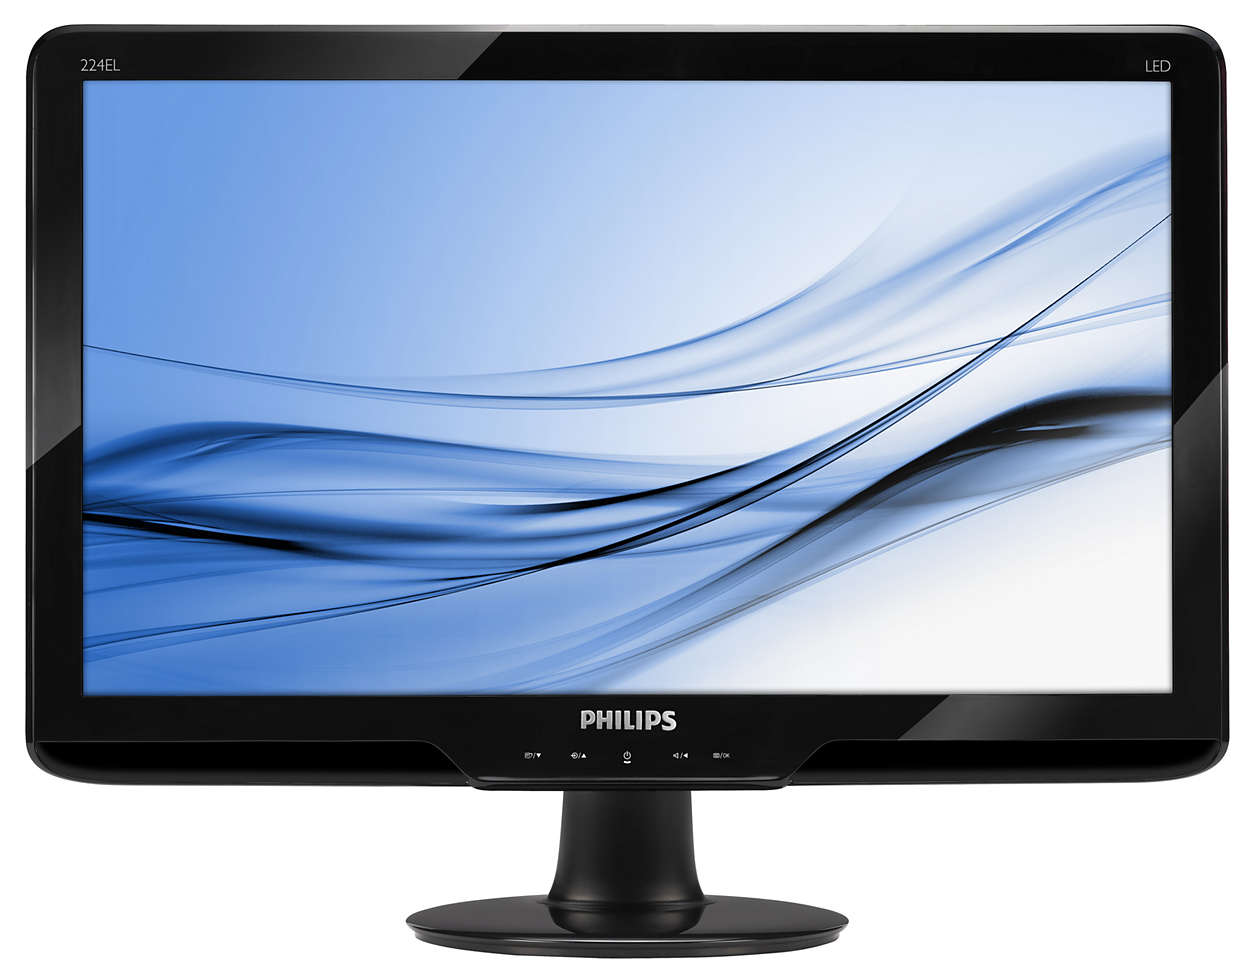 Élégant écran HDMI à DEL pour un divertissement HD1080p